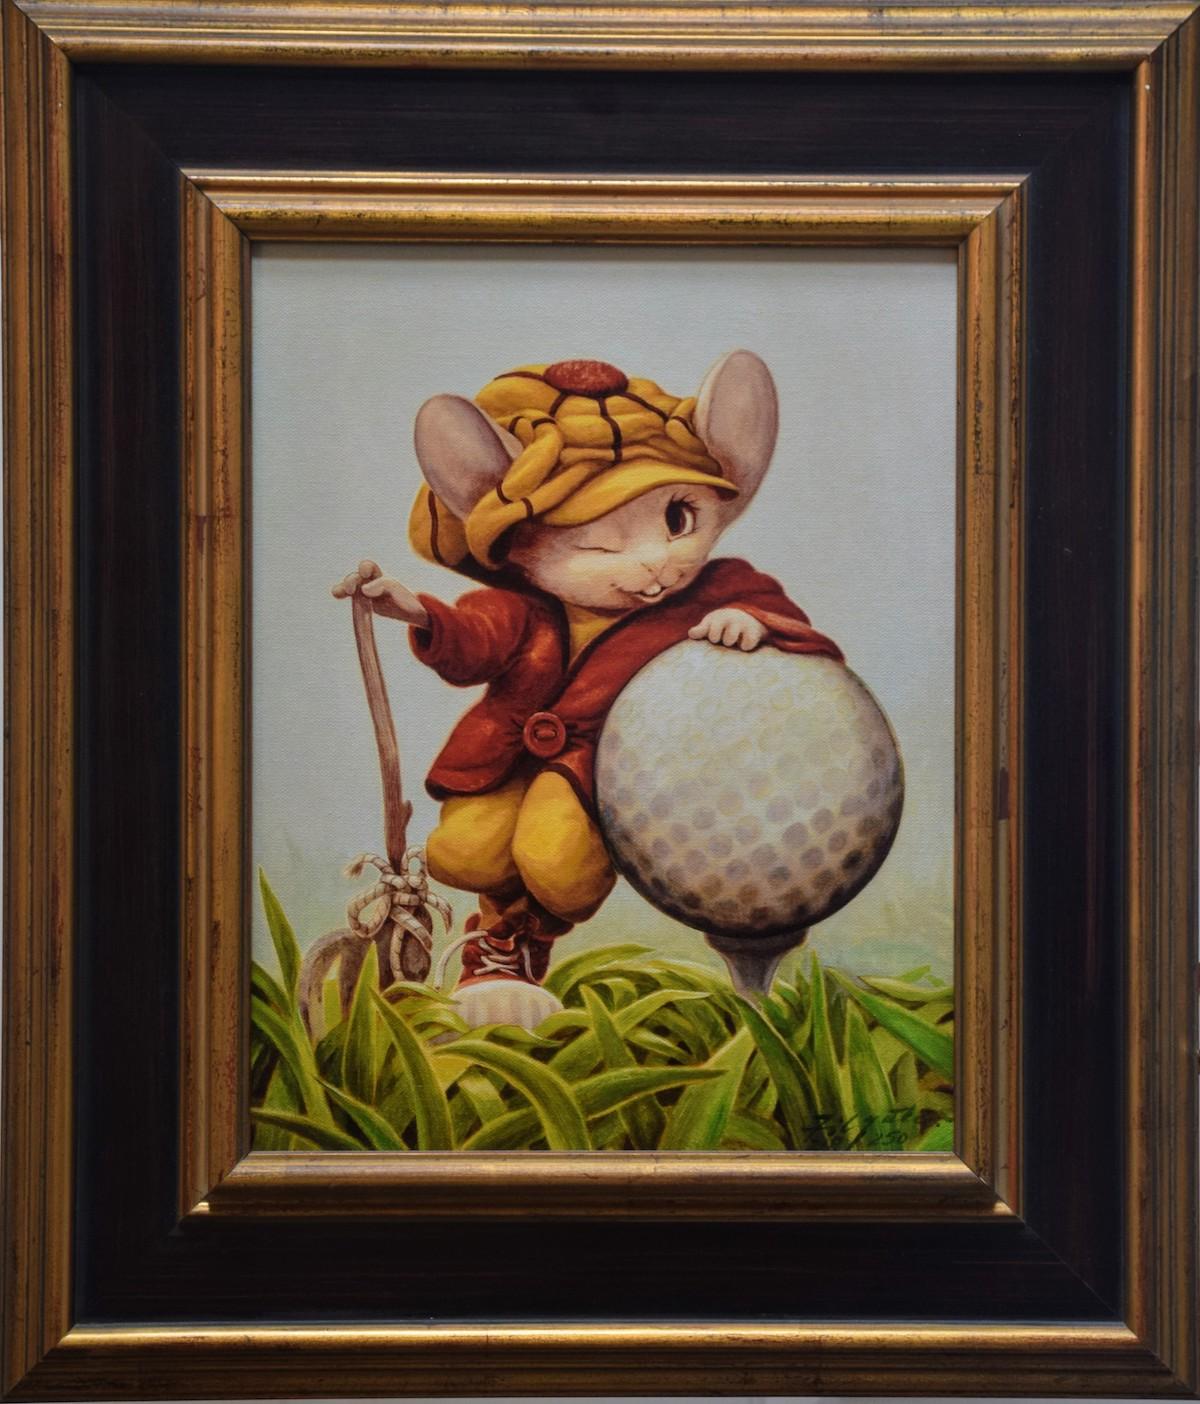 The Golfer (framed)